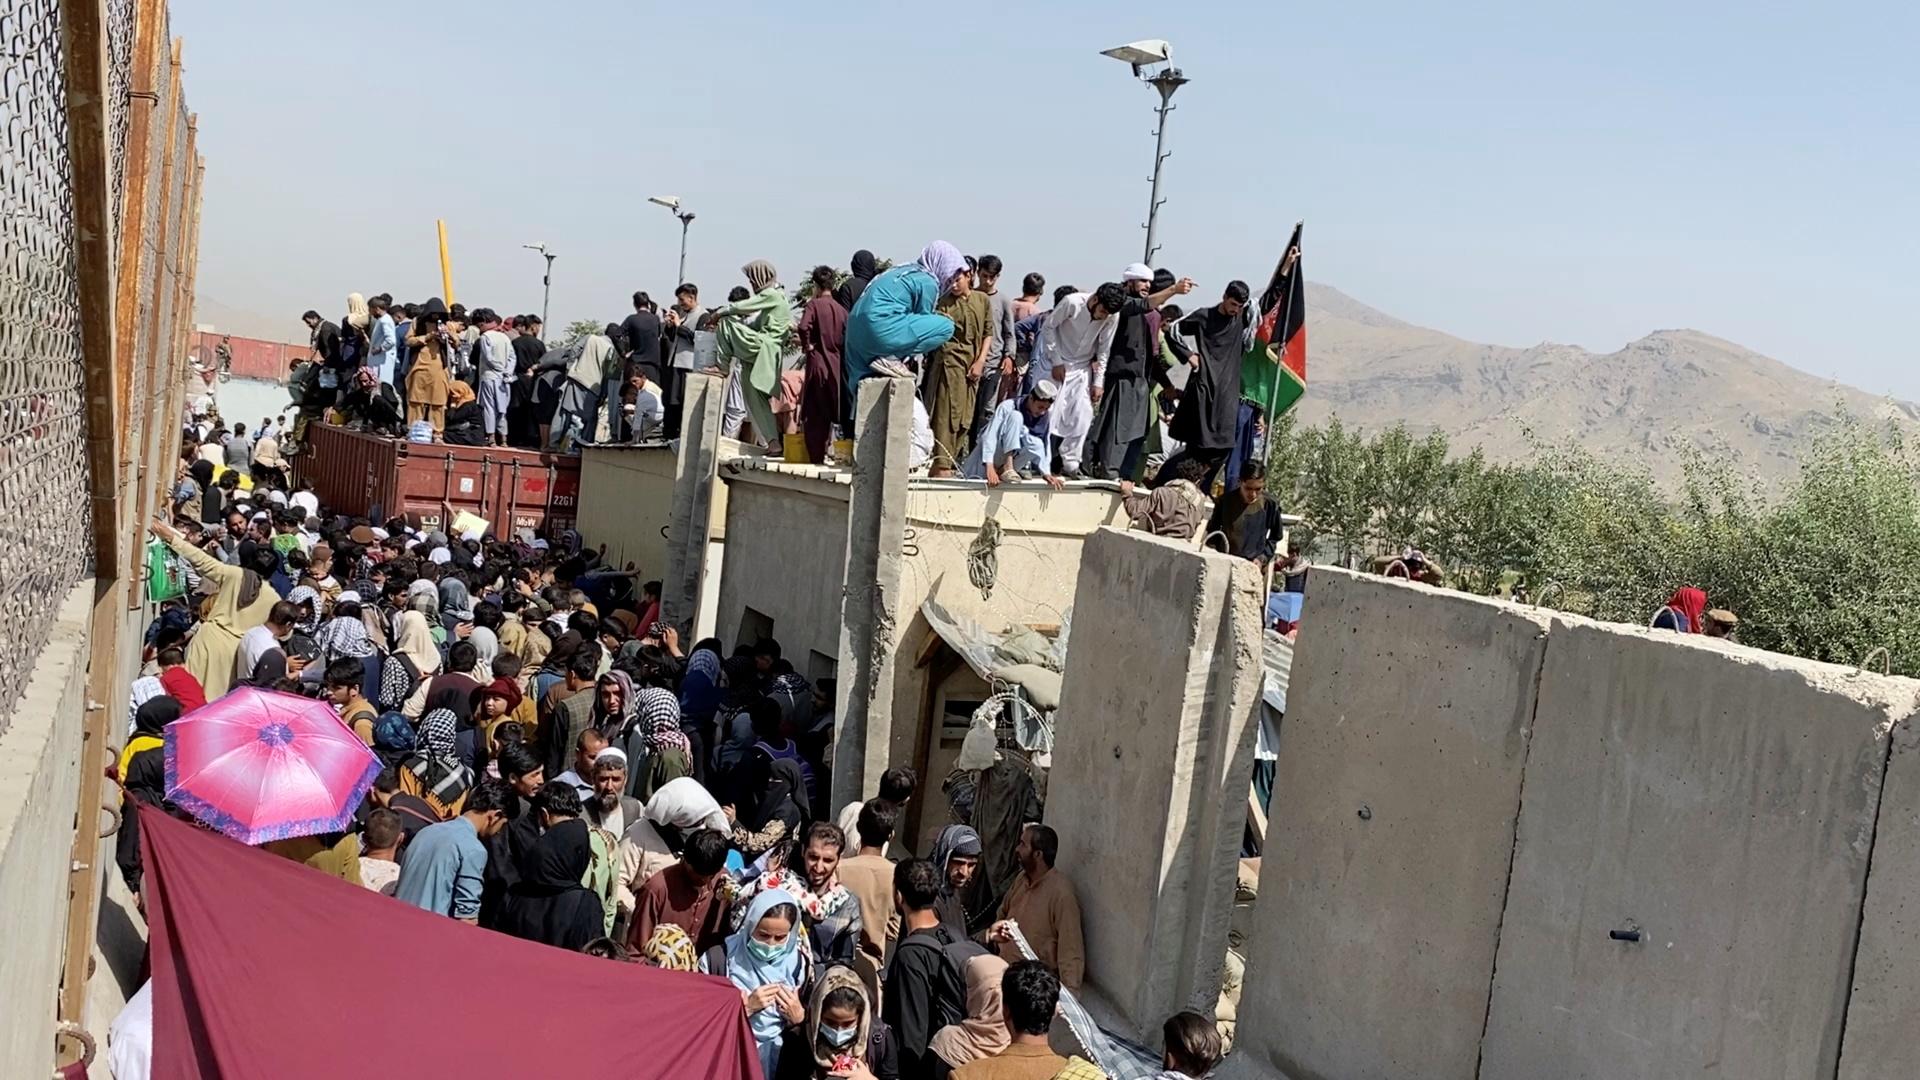 تقرير: شخص على قائمة الممنوعين من دخول بريطانيا وصل إليها من أفغانستان